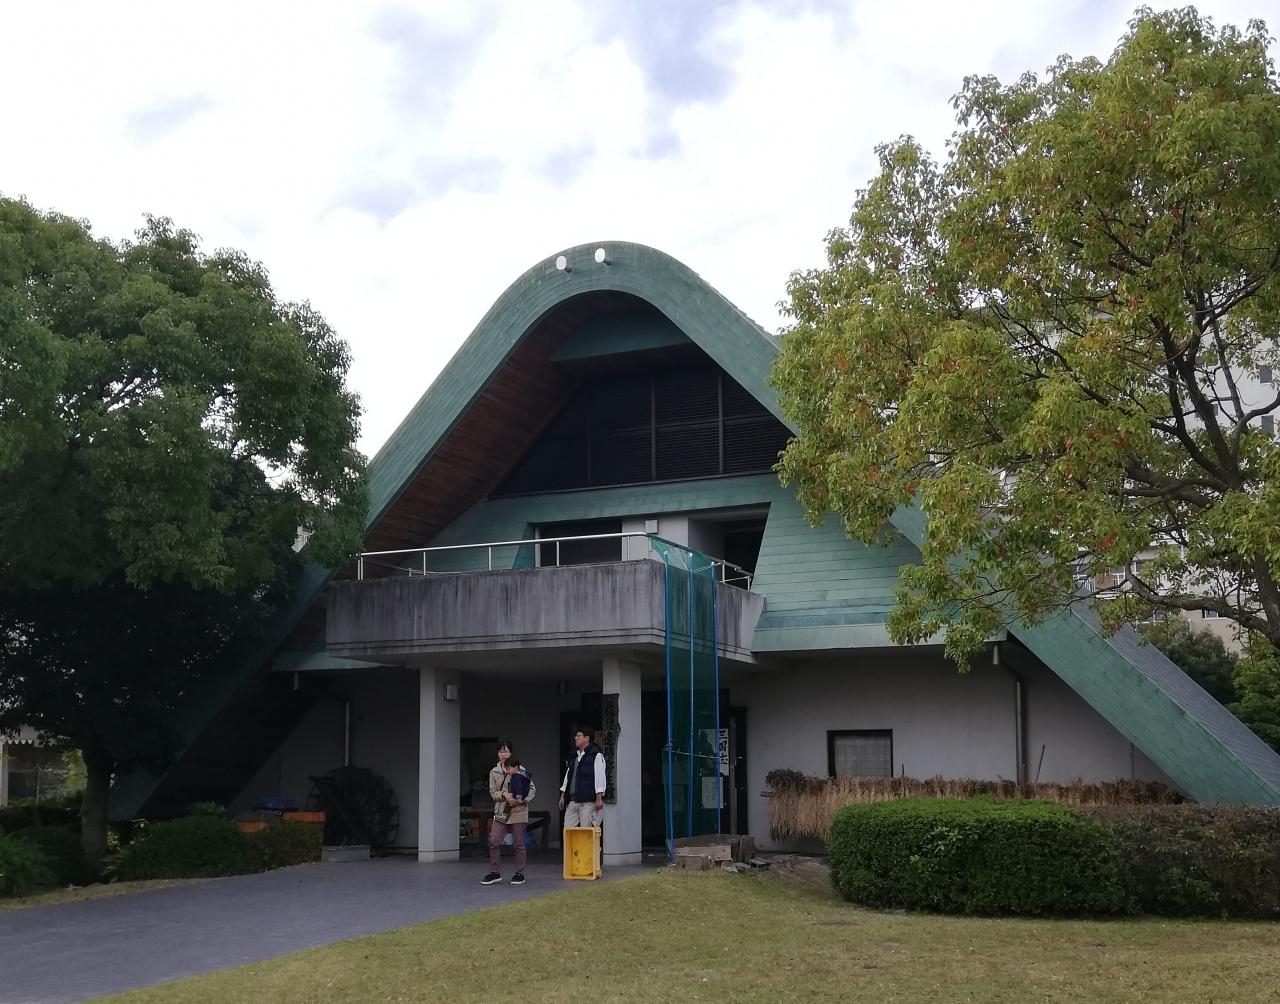 板付遺跡弥生館  福岡空港近くにある。  弥生時代開始期の遺跡で、展示には、水田跡から見つかった子供の足跡の石膏があった。